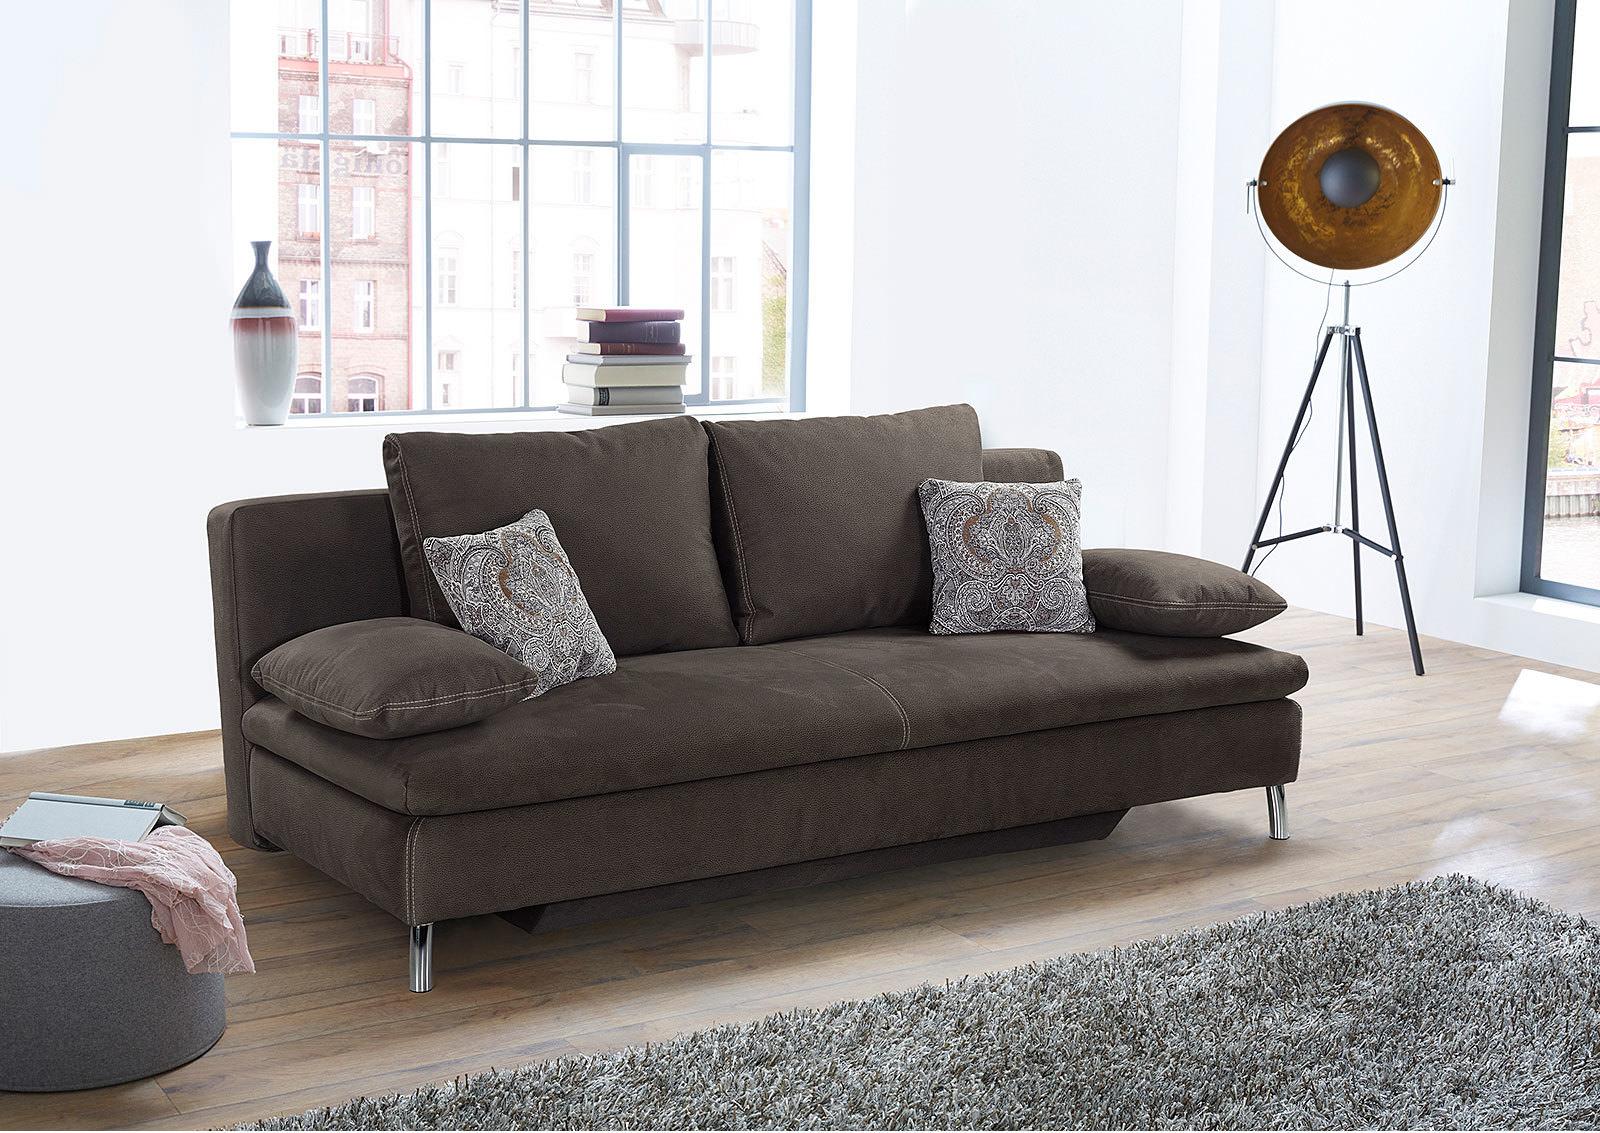 verwandlungssofa online entdecken schaffrath ihr m belhaus. Black Bedroom Furniture Sets. Home Design Ideas